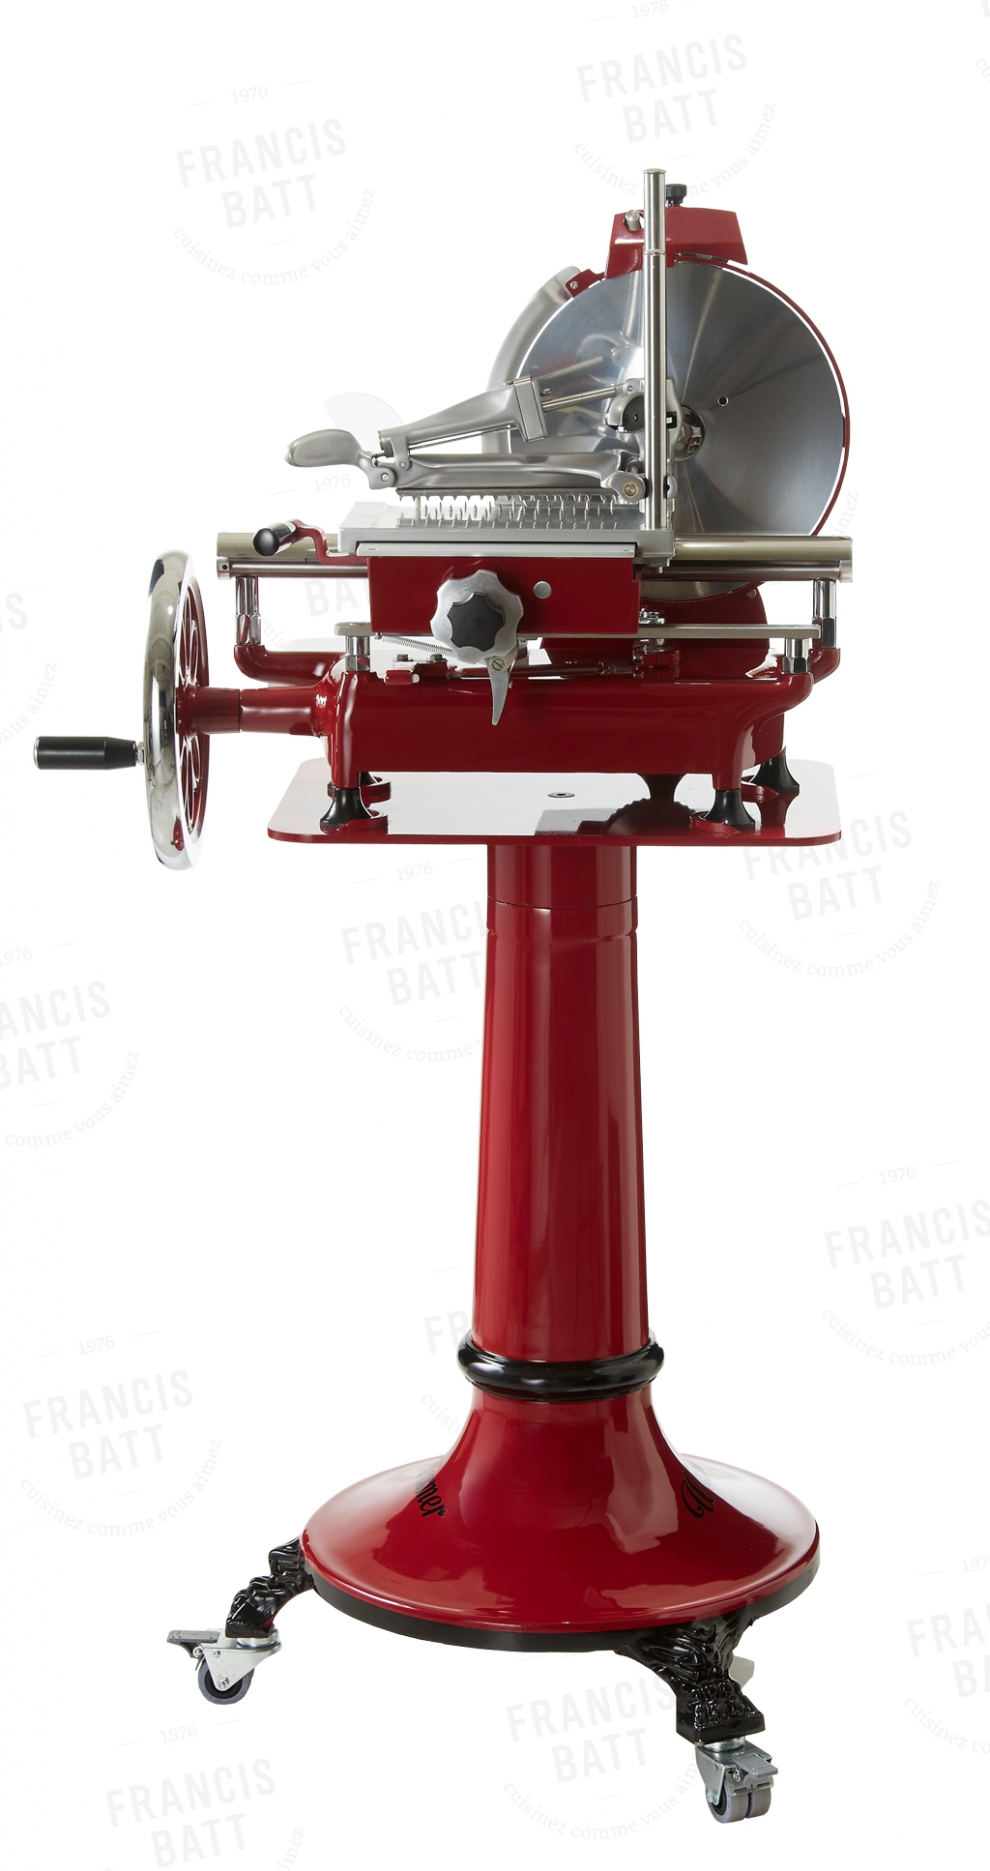 wismer trancheuse jambon manuelle rouge diam tre 25 cm wmr250 wmr250 achetez au meilleur. Black Bedroom Furniture Sets. Home Design Ideas